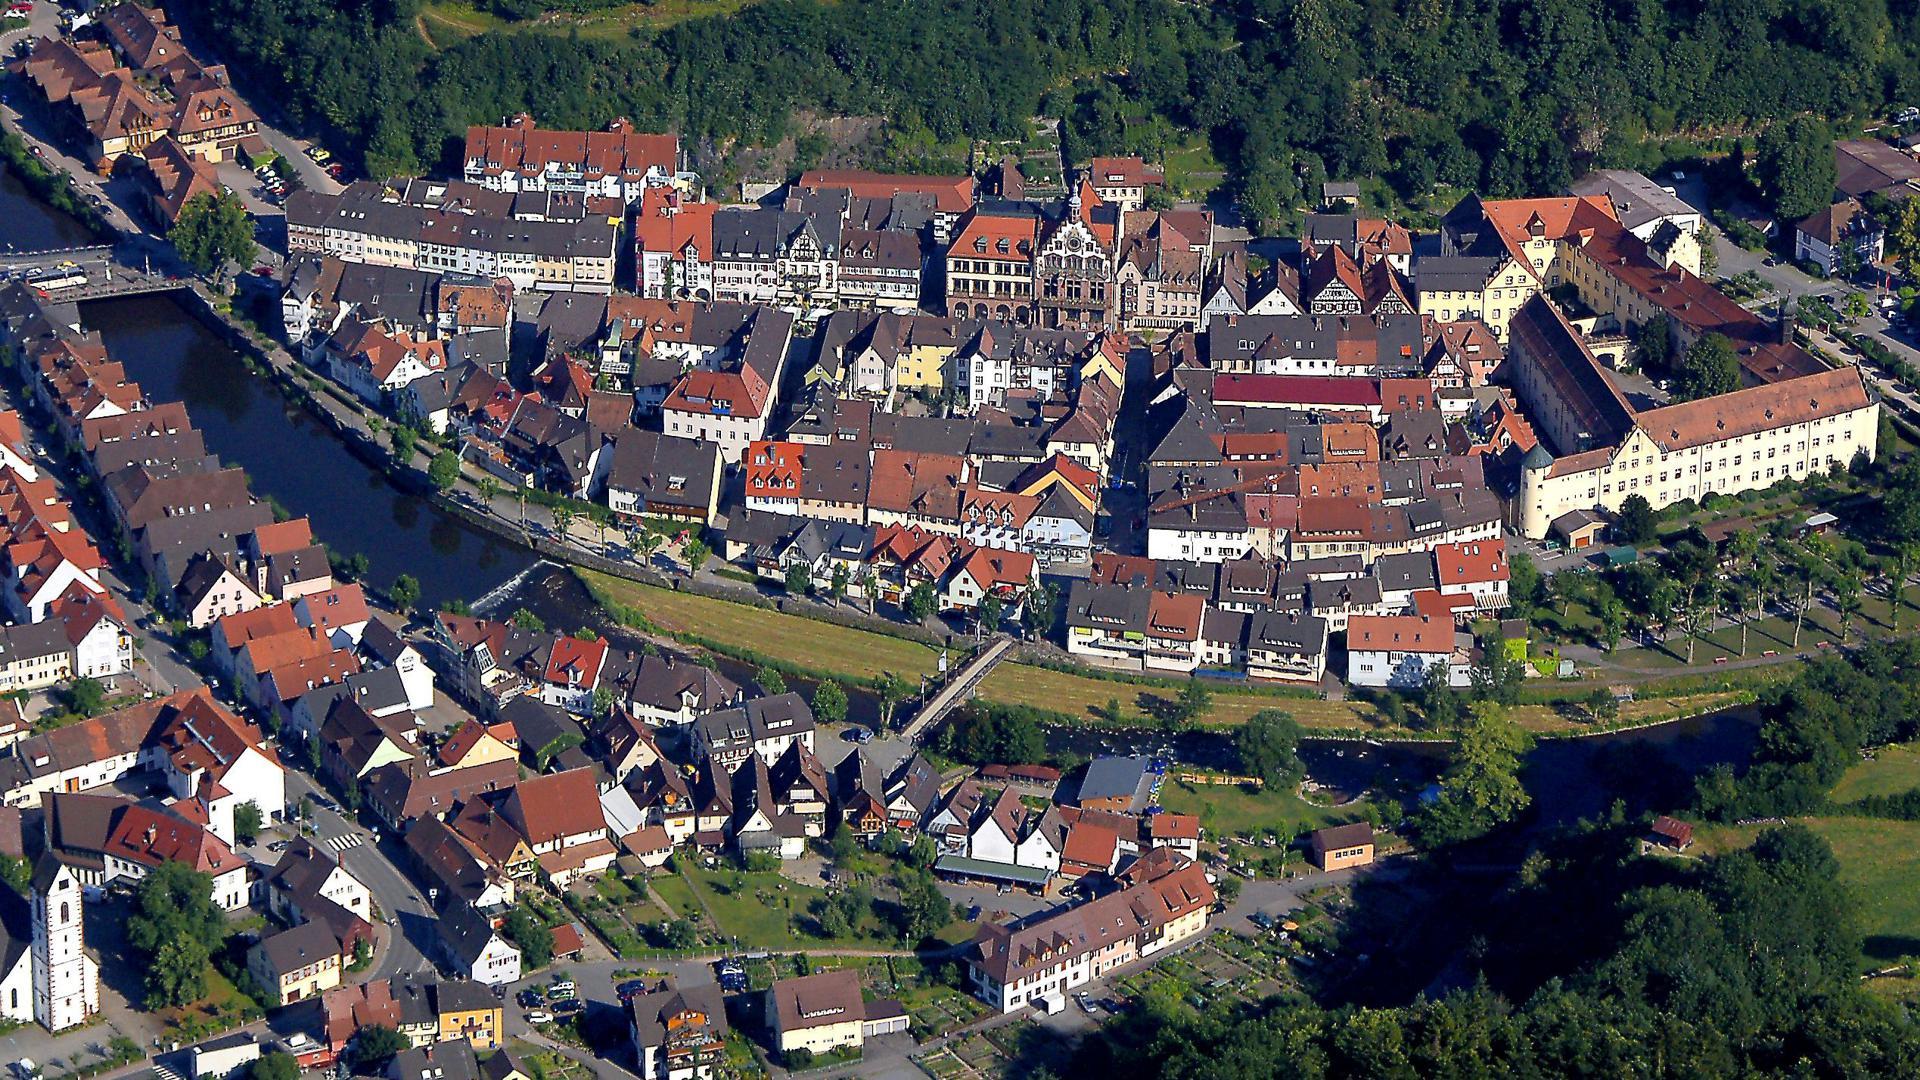 Luftbild der Wolfacher Innenstadt